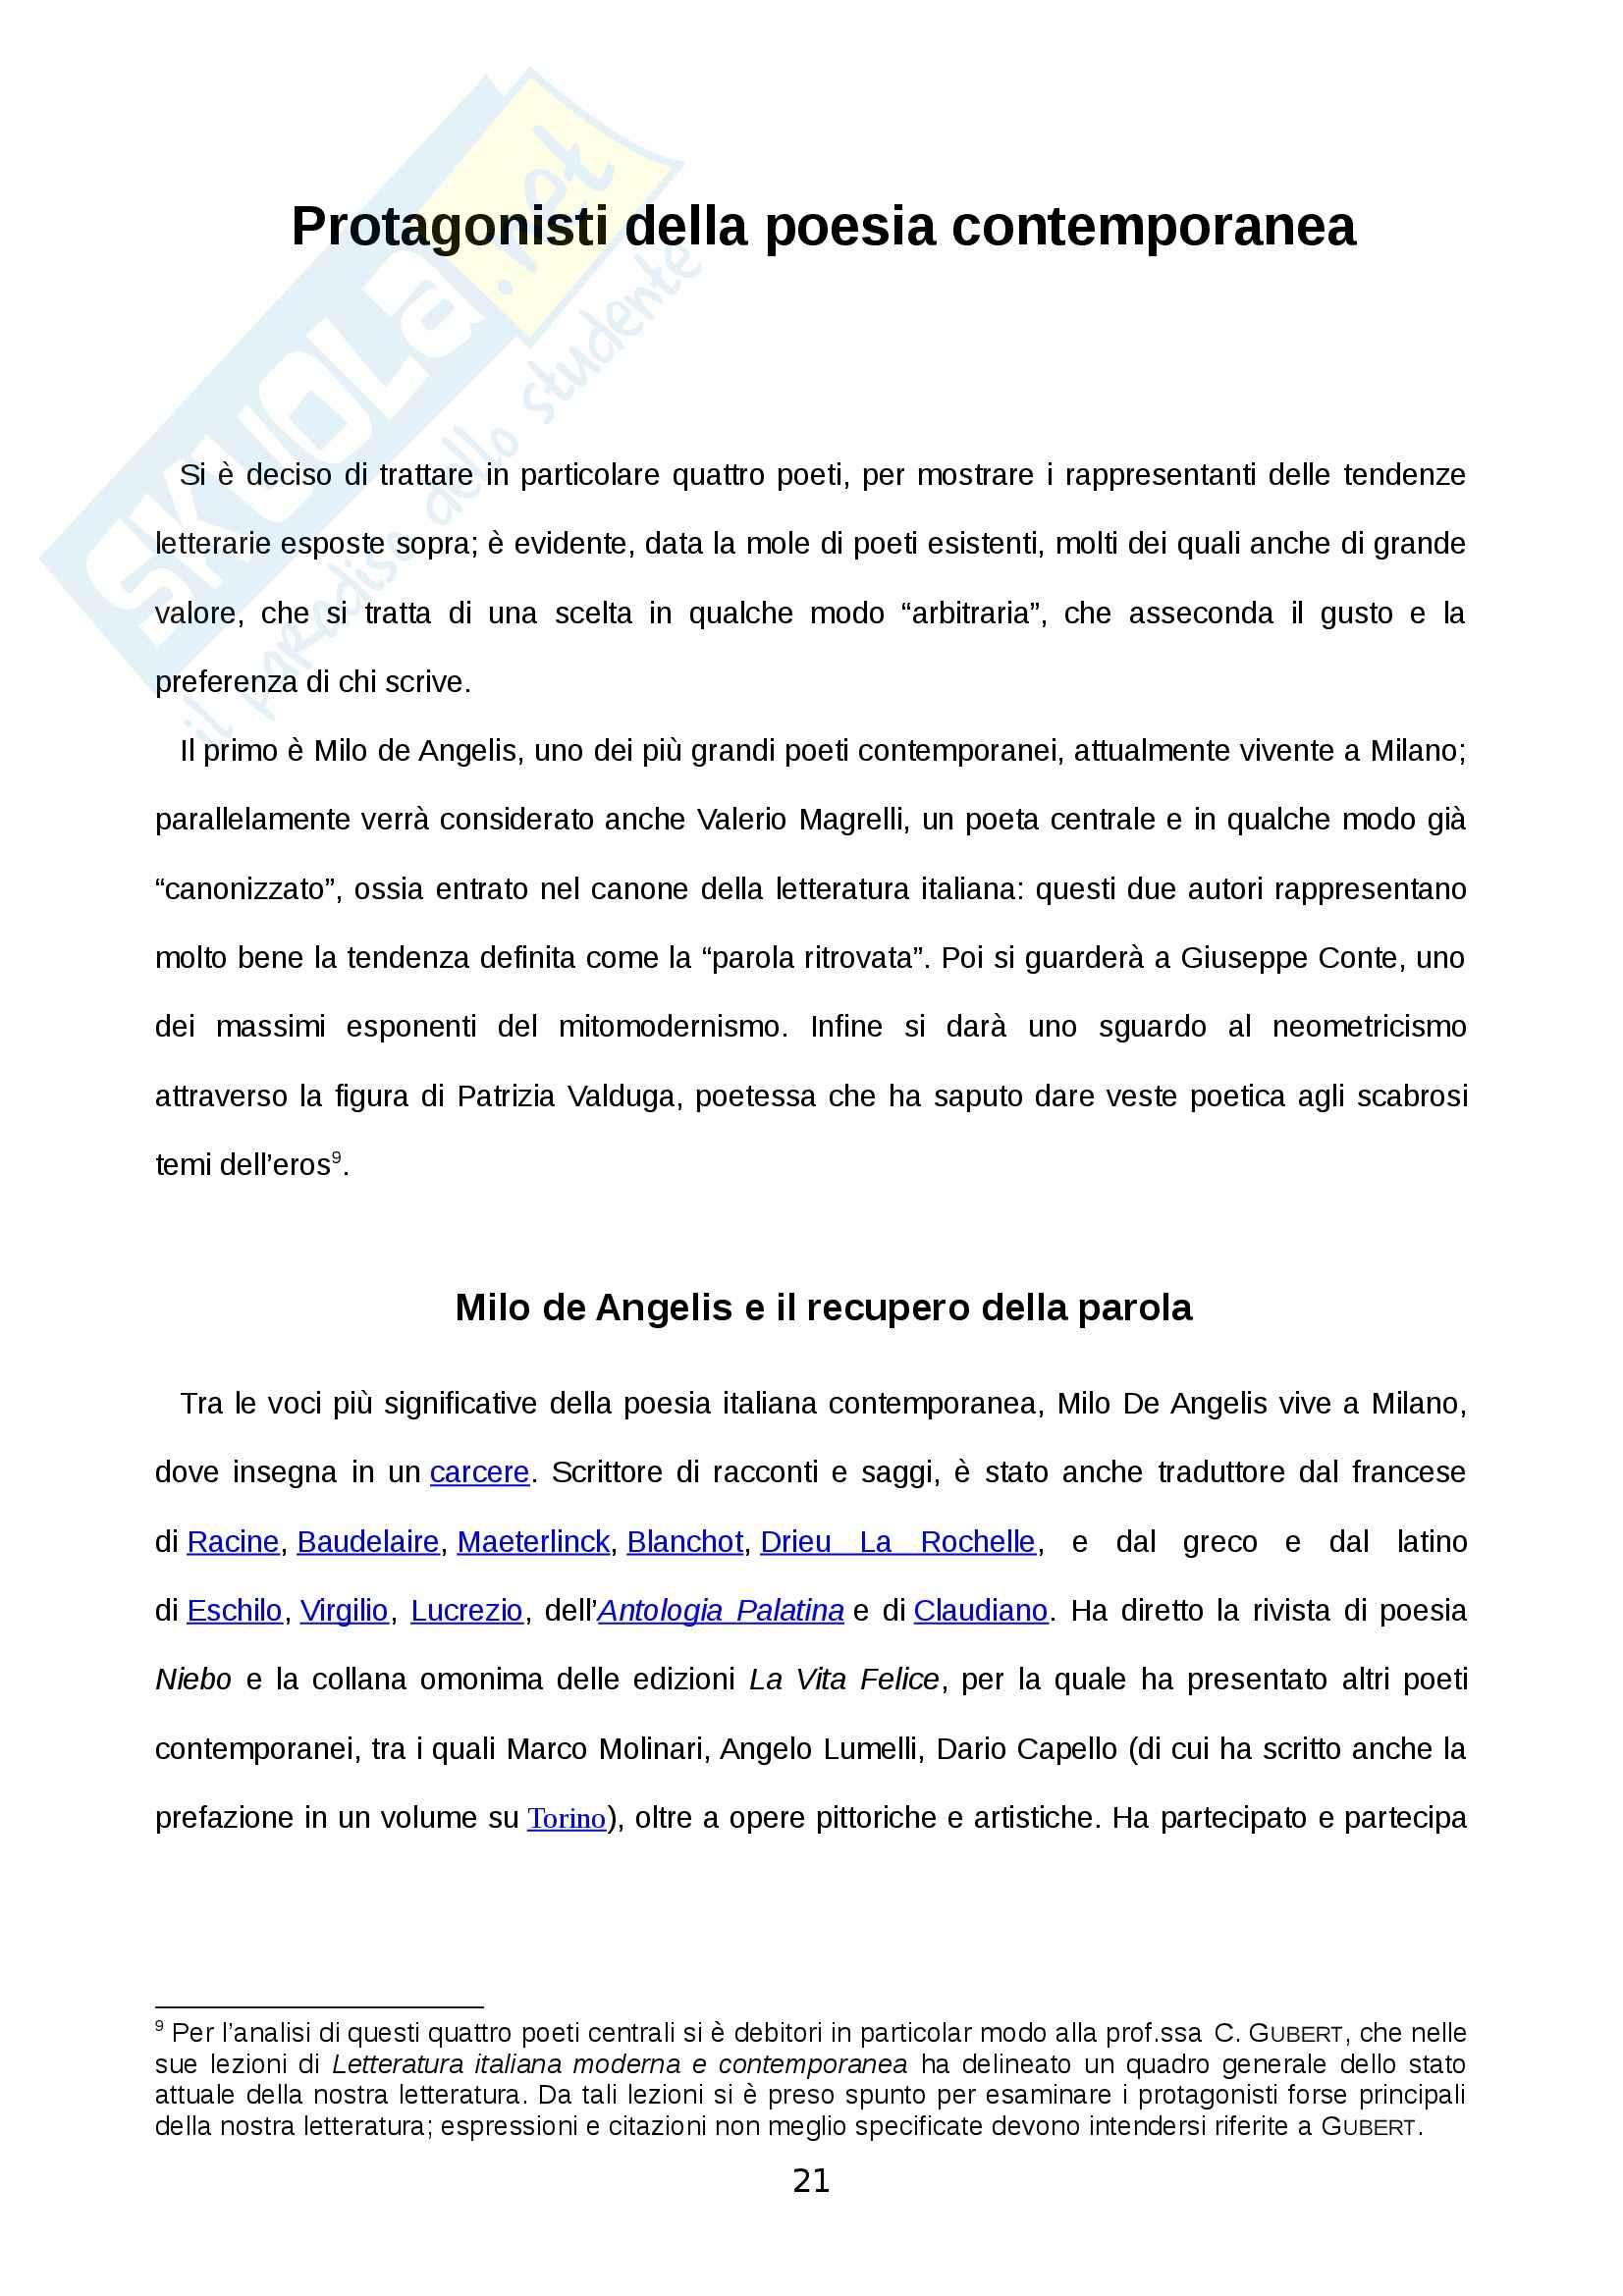 Scorcio di letteratura italiana dagli anni Ottanta ad oggi - Tesi Pag. 21